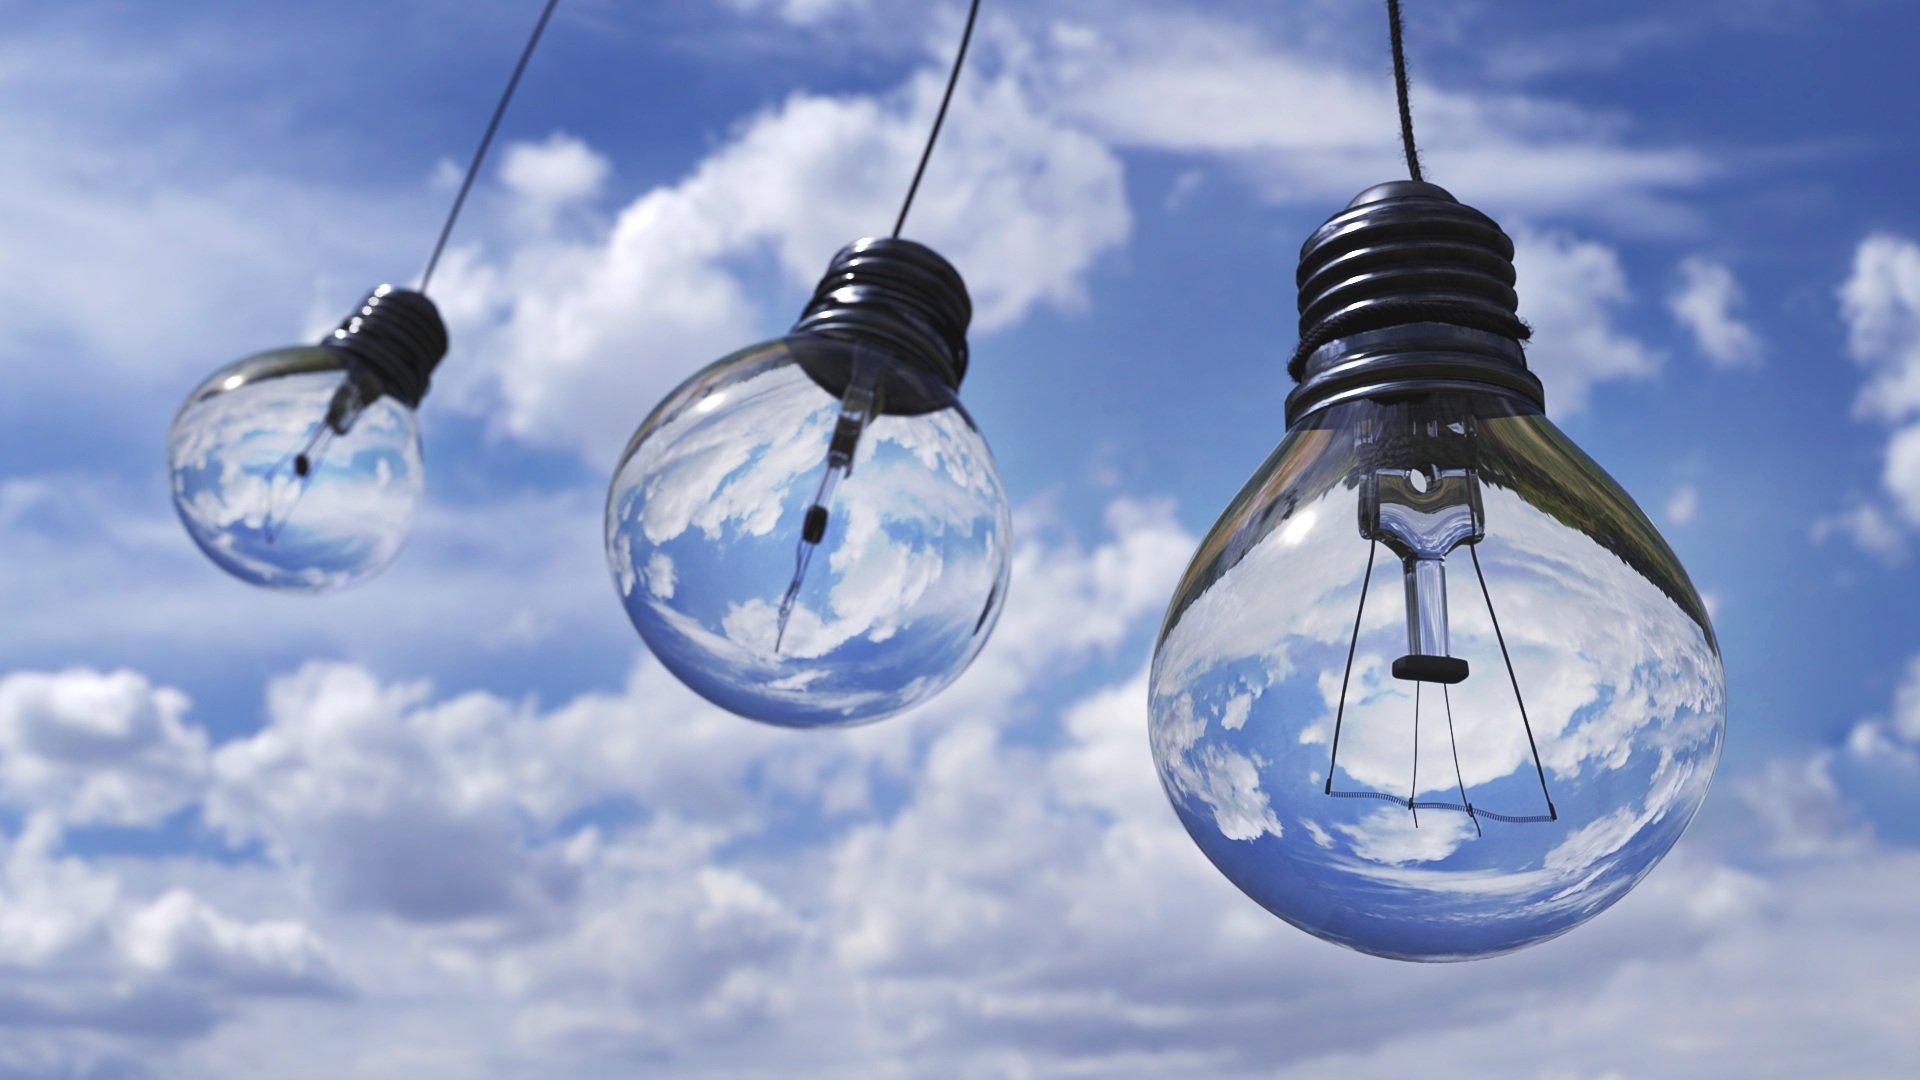 Bolletta luce e calcolo consumi: dove trovarlo online o nel pdf